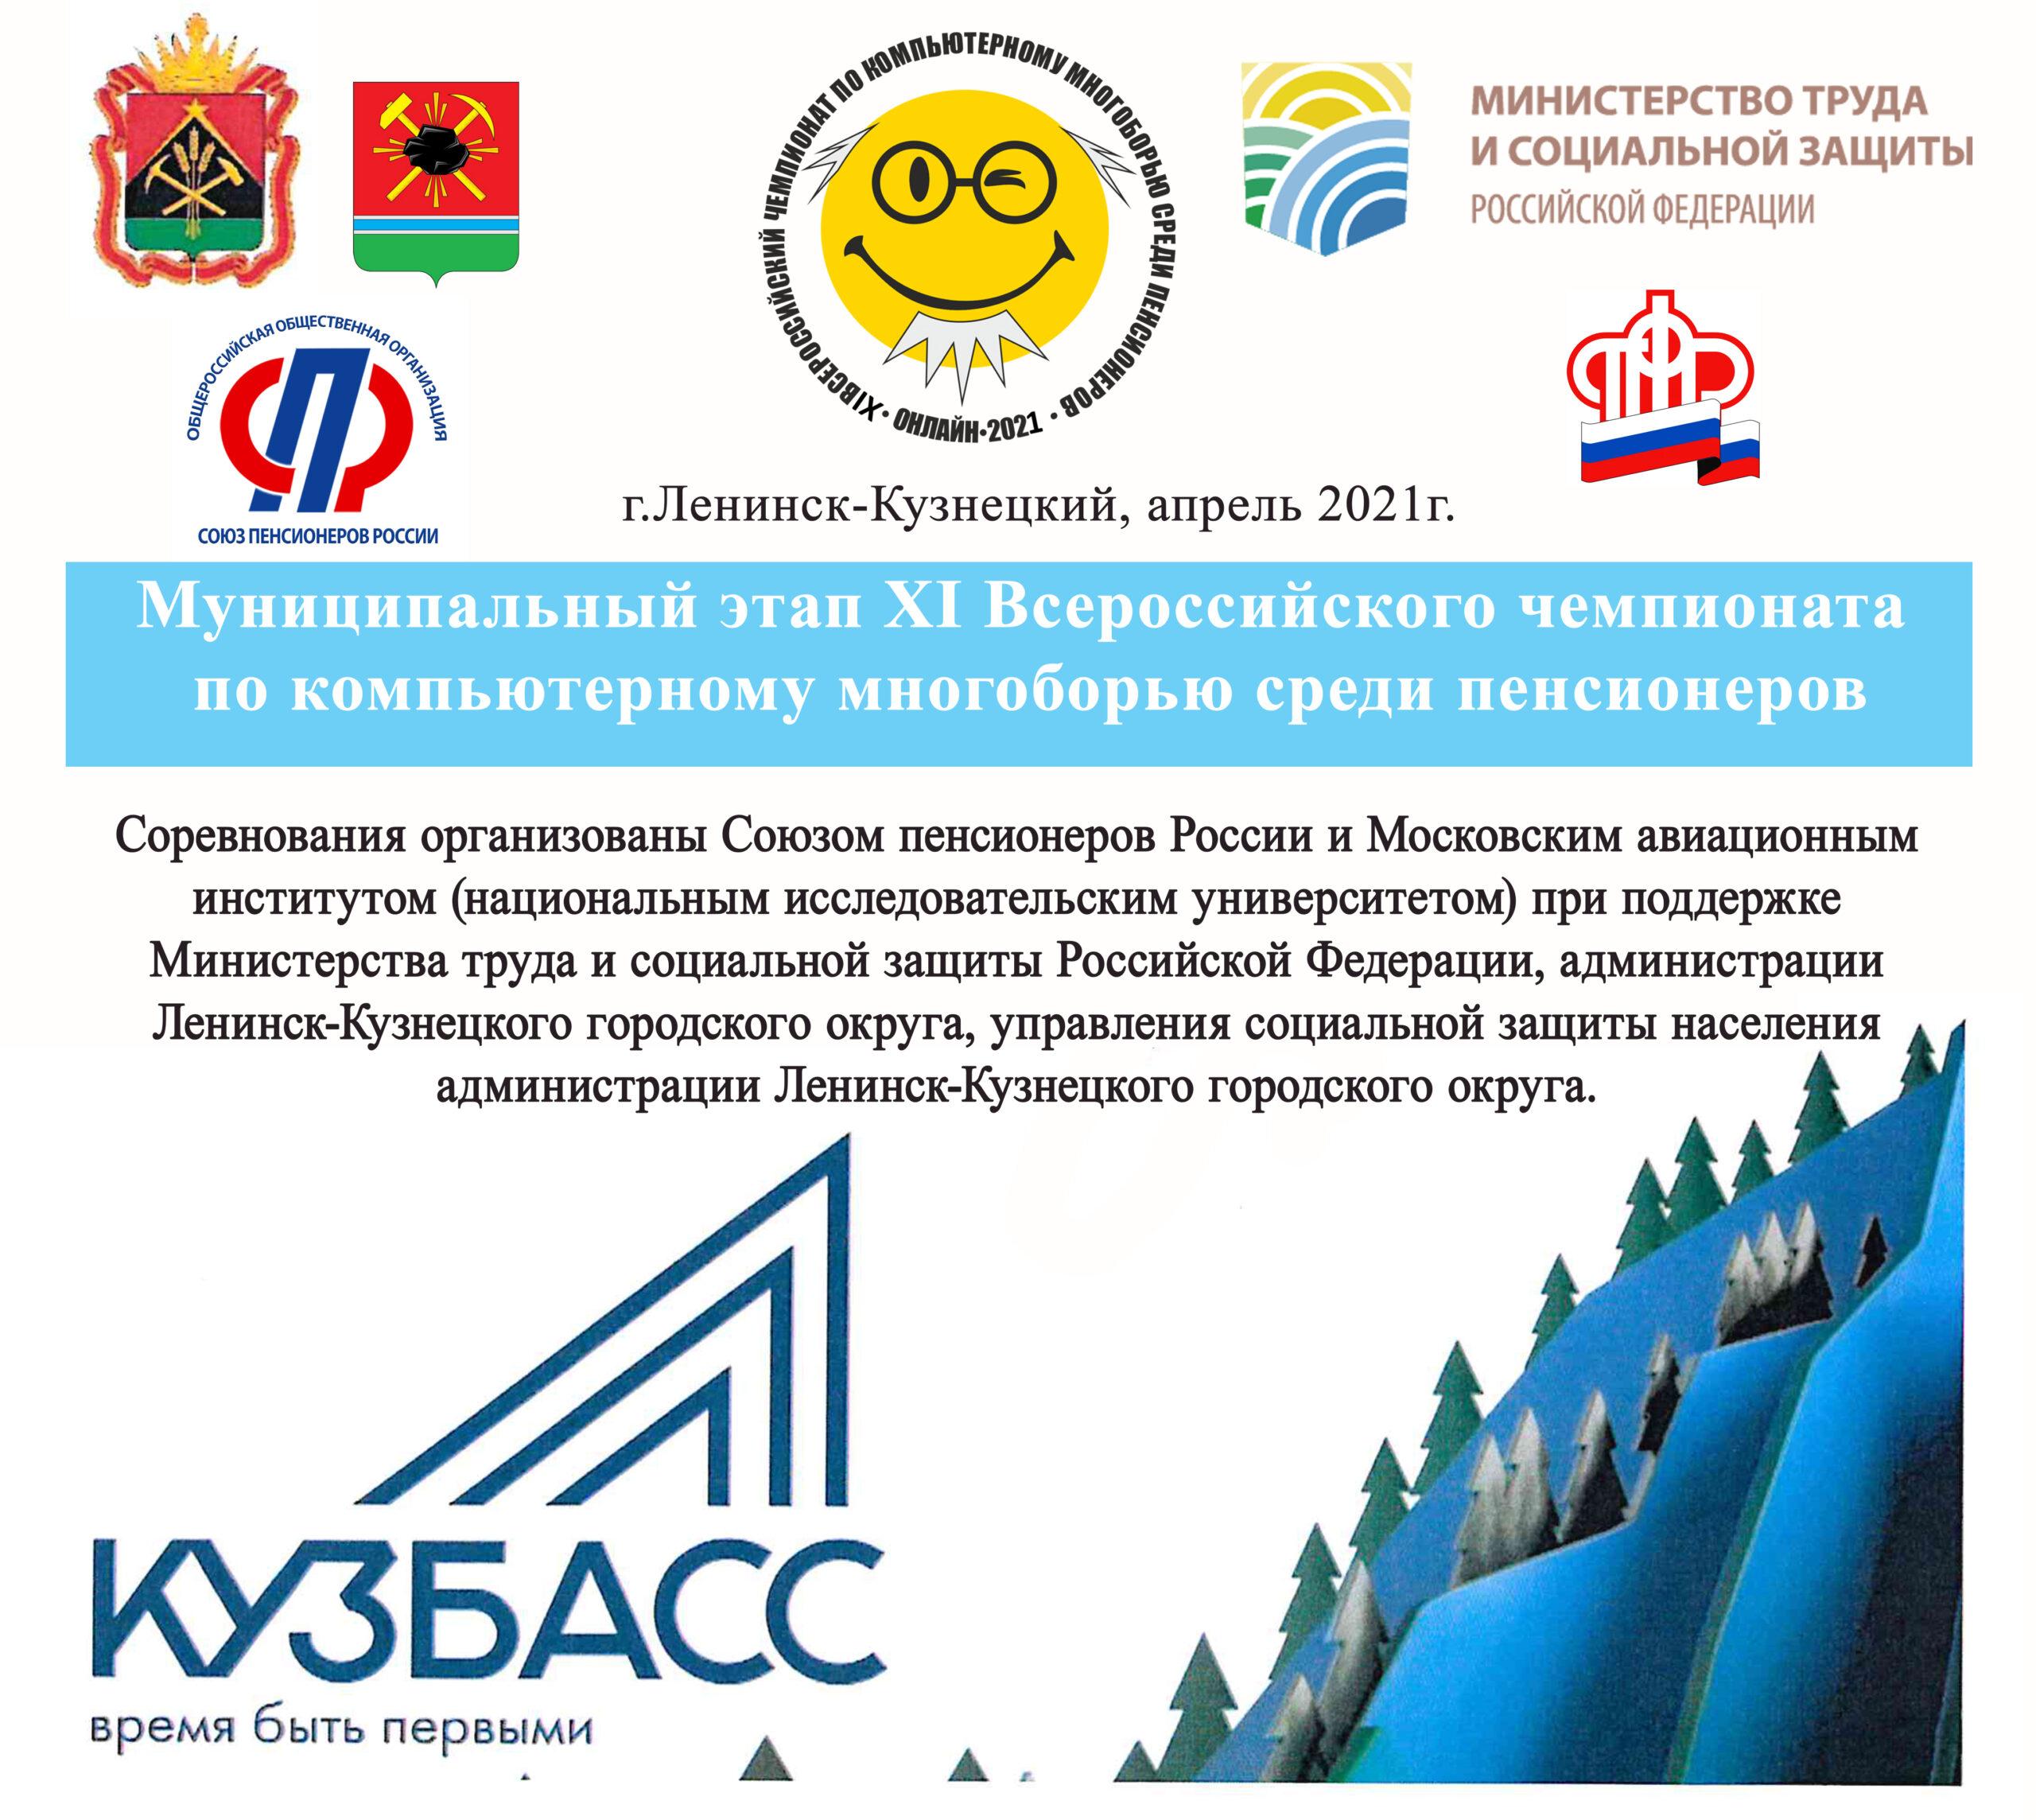 Муниципальный этап ХI Всероссийского чемпионата по компьютерному многоборью среди пенсионеров